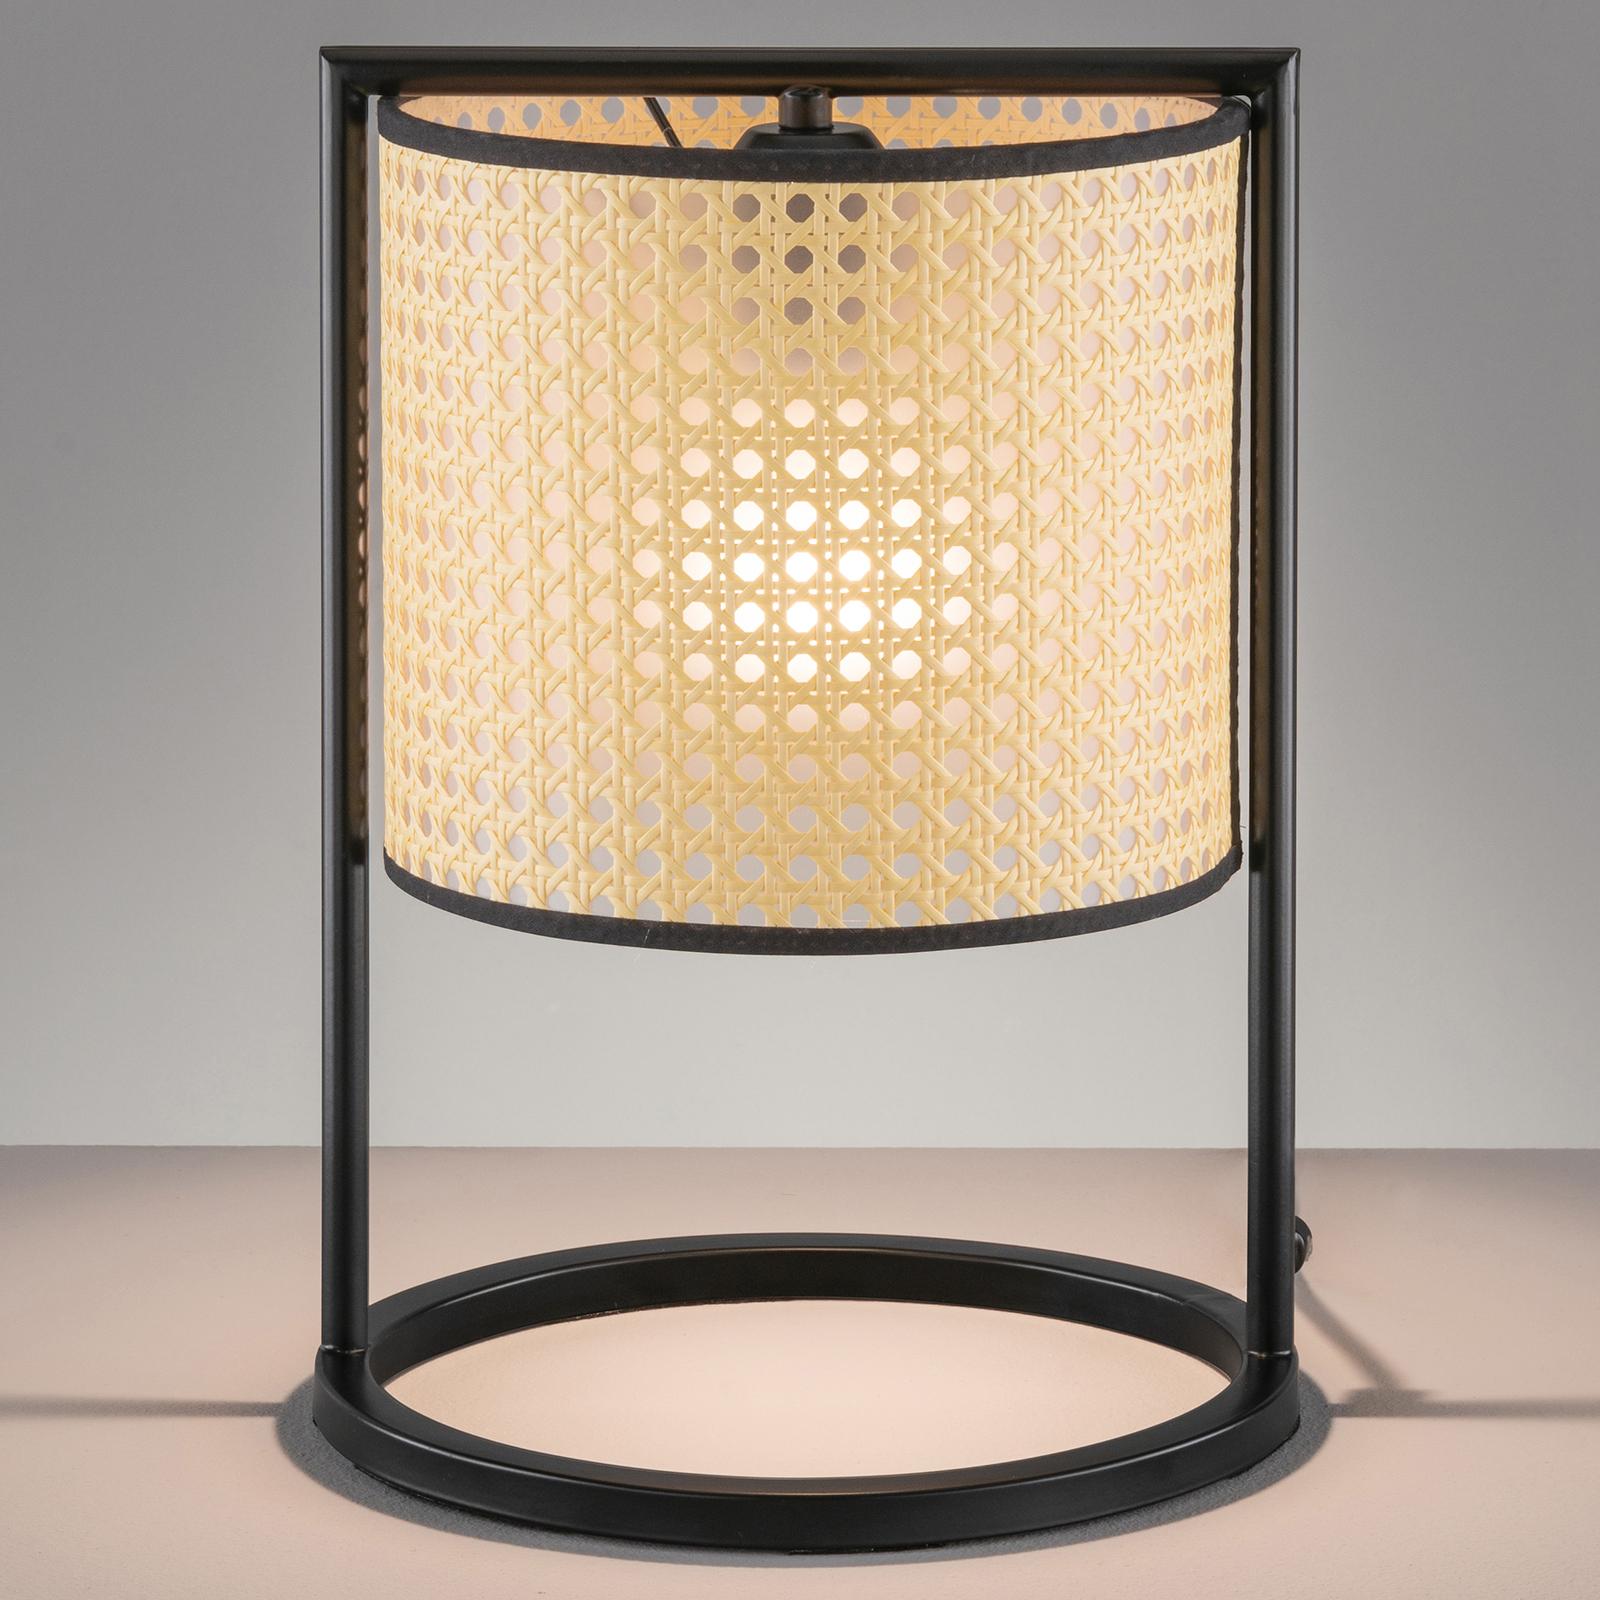 Lampa stołowa Tyler o wyglądzie plecionki, 36 cm